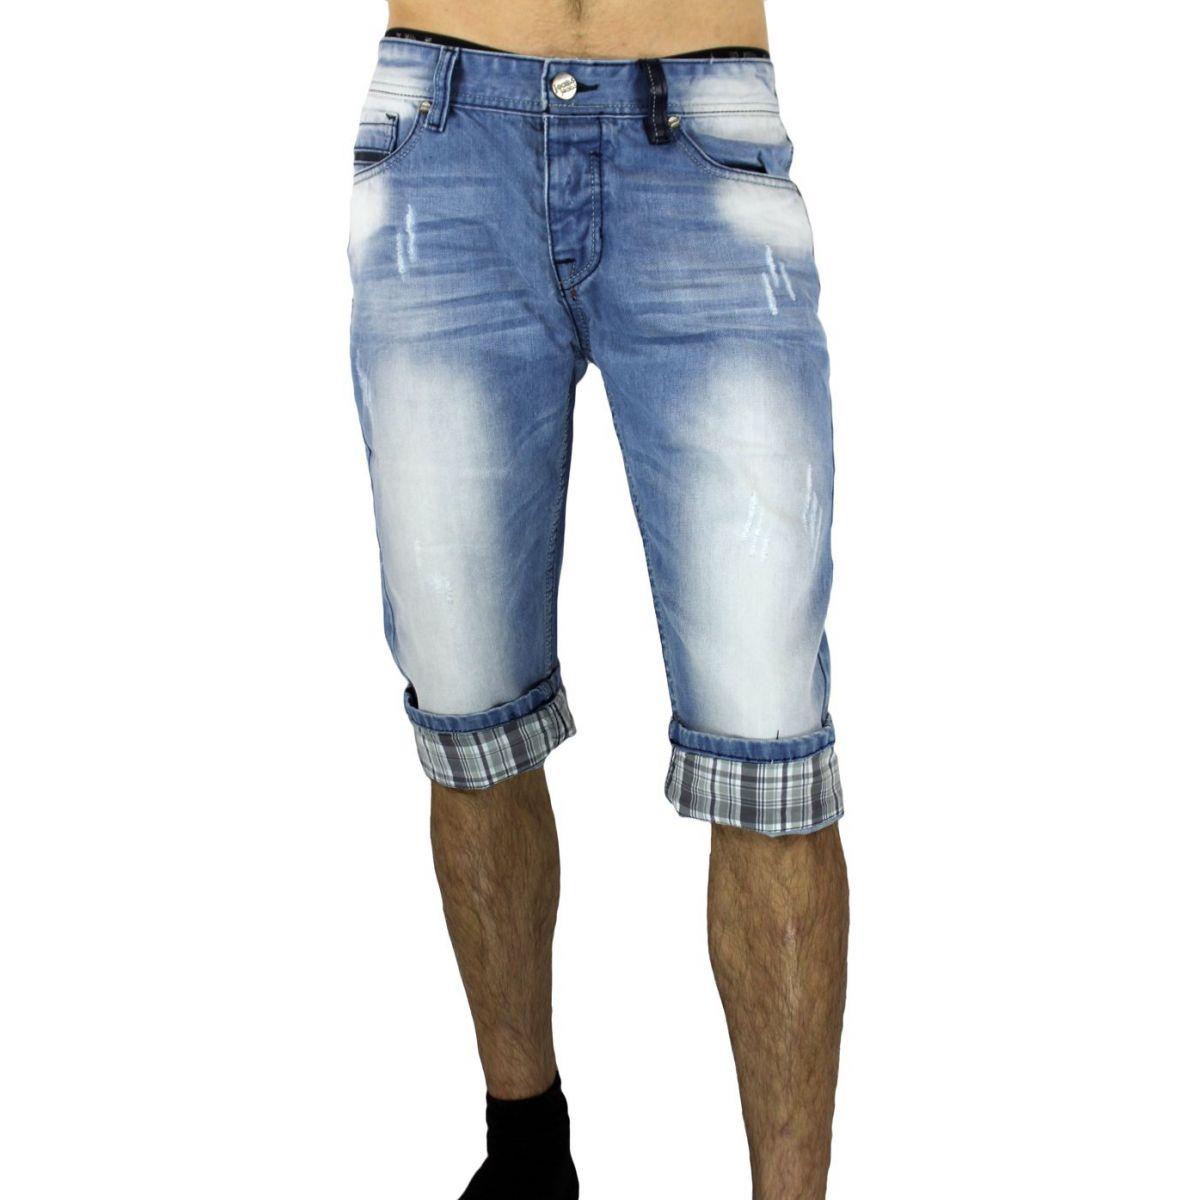 bermuda homme en jean clair d lav 60 short homme en jean. Black Bedroom Furniture Sets. Home Design Ideas